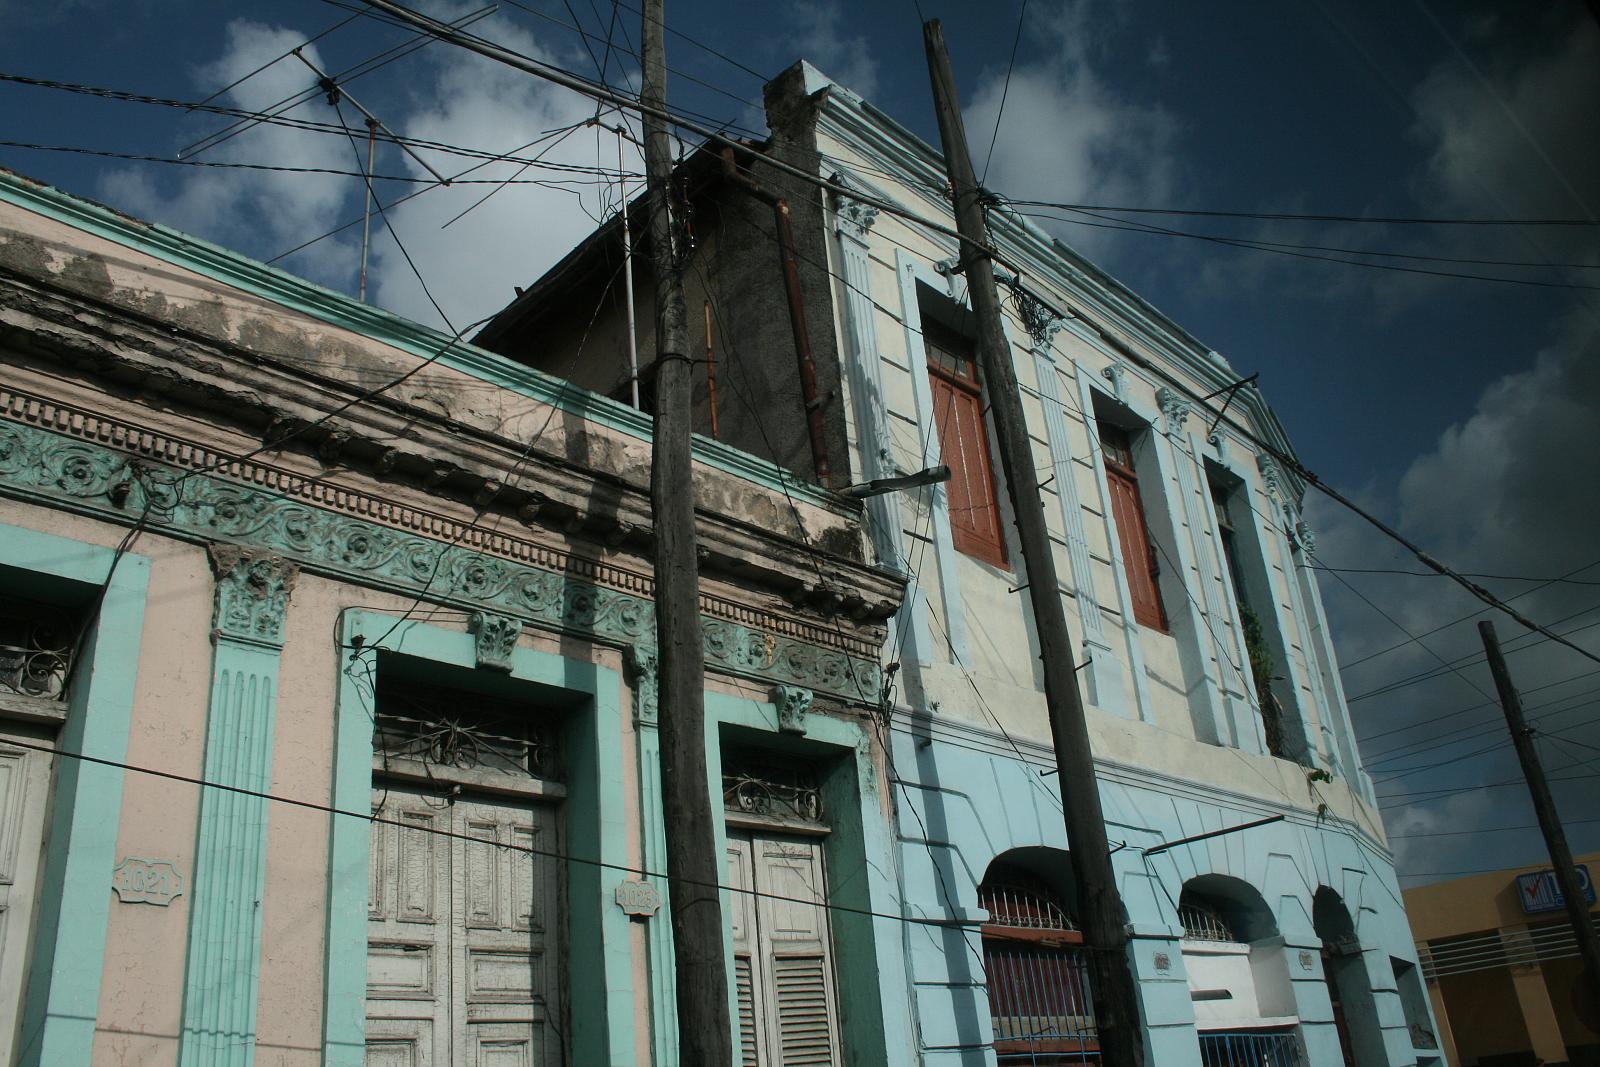 Imagen de la noticia Contribuir al desarrollo sostenible del municipio de Guama en la provincia de Santiago de Cuba mediante el uso de las fuentes renovables de energía